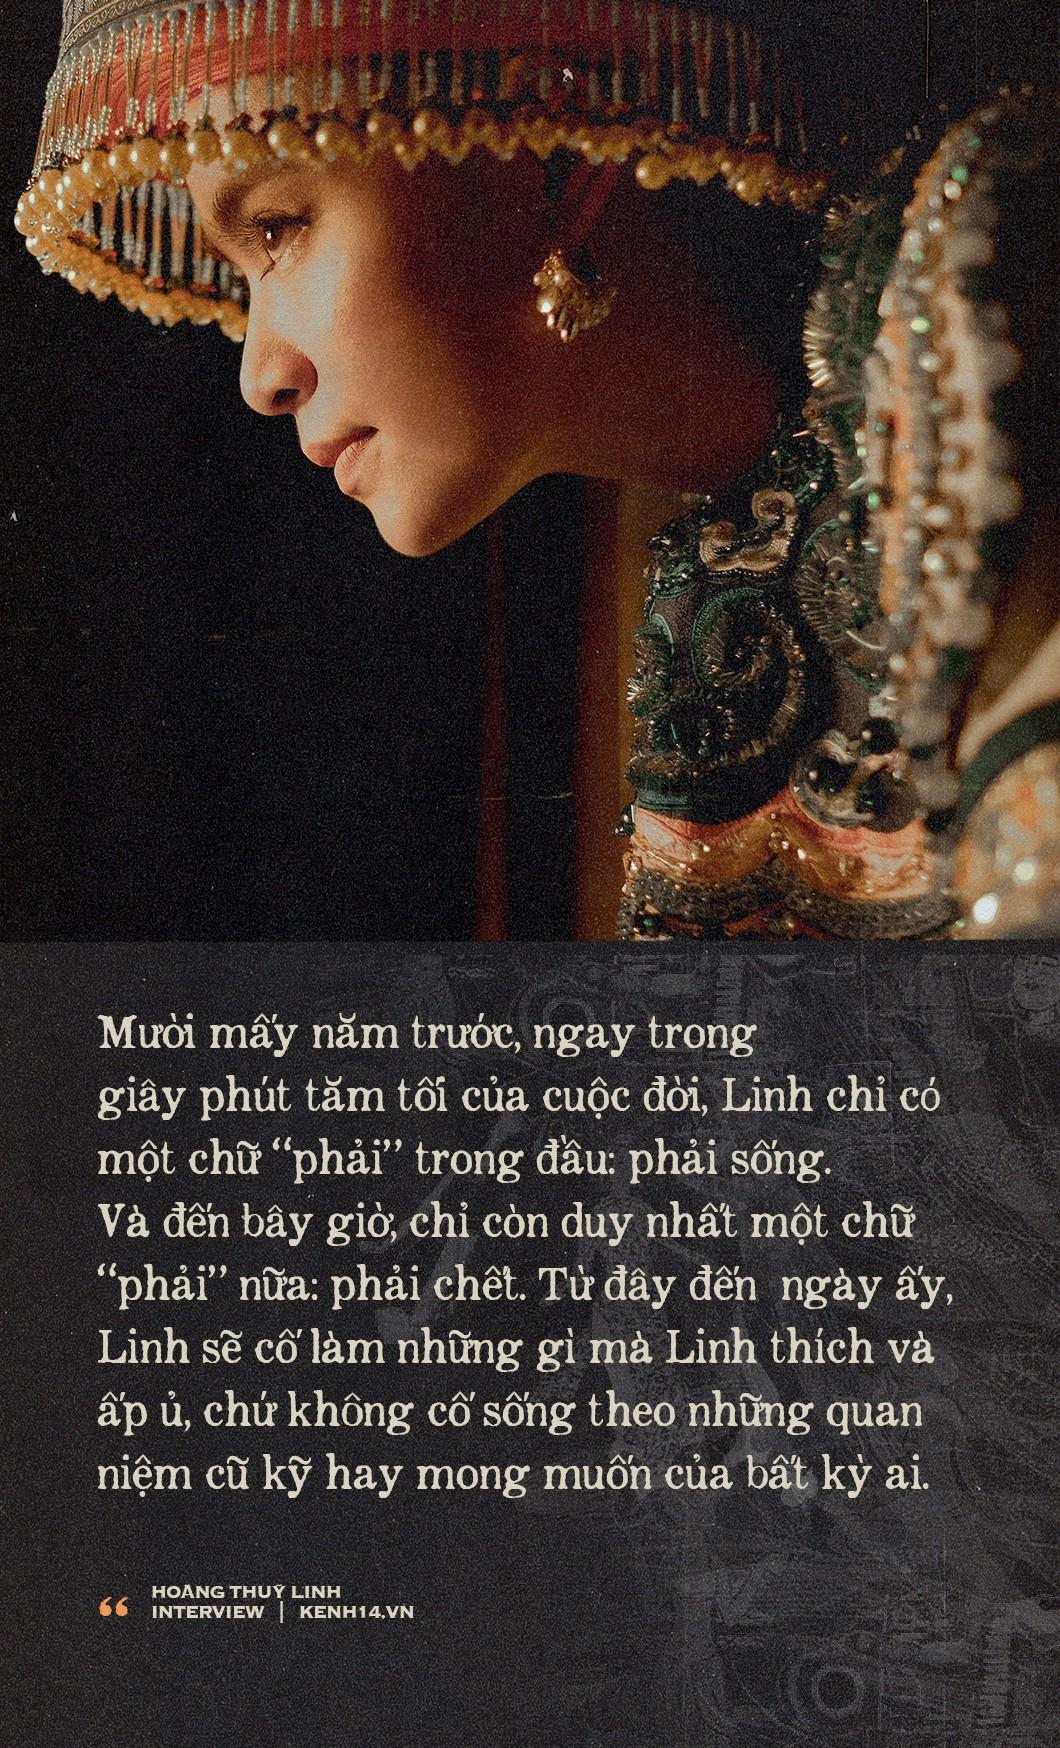 """""""Vợ chồng A Phủ"""" có ý nghĩa đặc biệt với Hoàng Thuỳ Linh, vì đó là tác phẩm giúp Linh đậu đại học - Ảnh 4."""